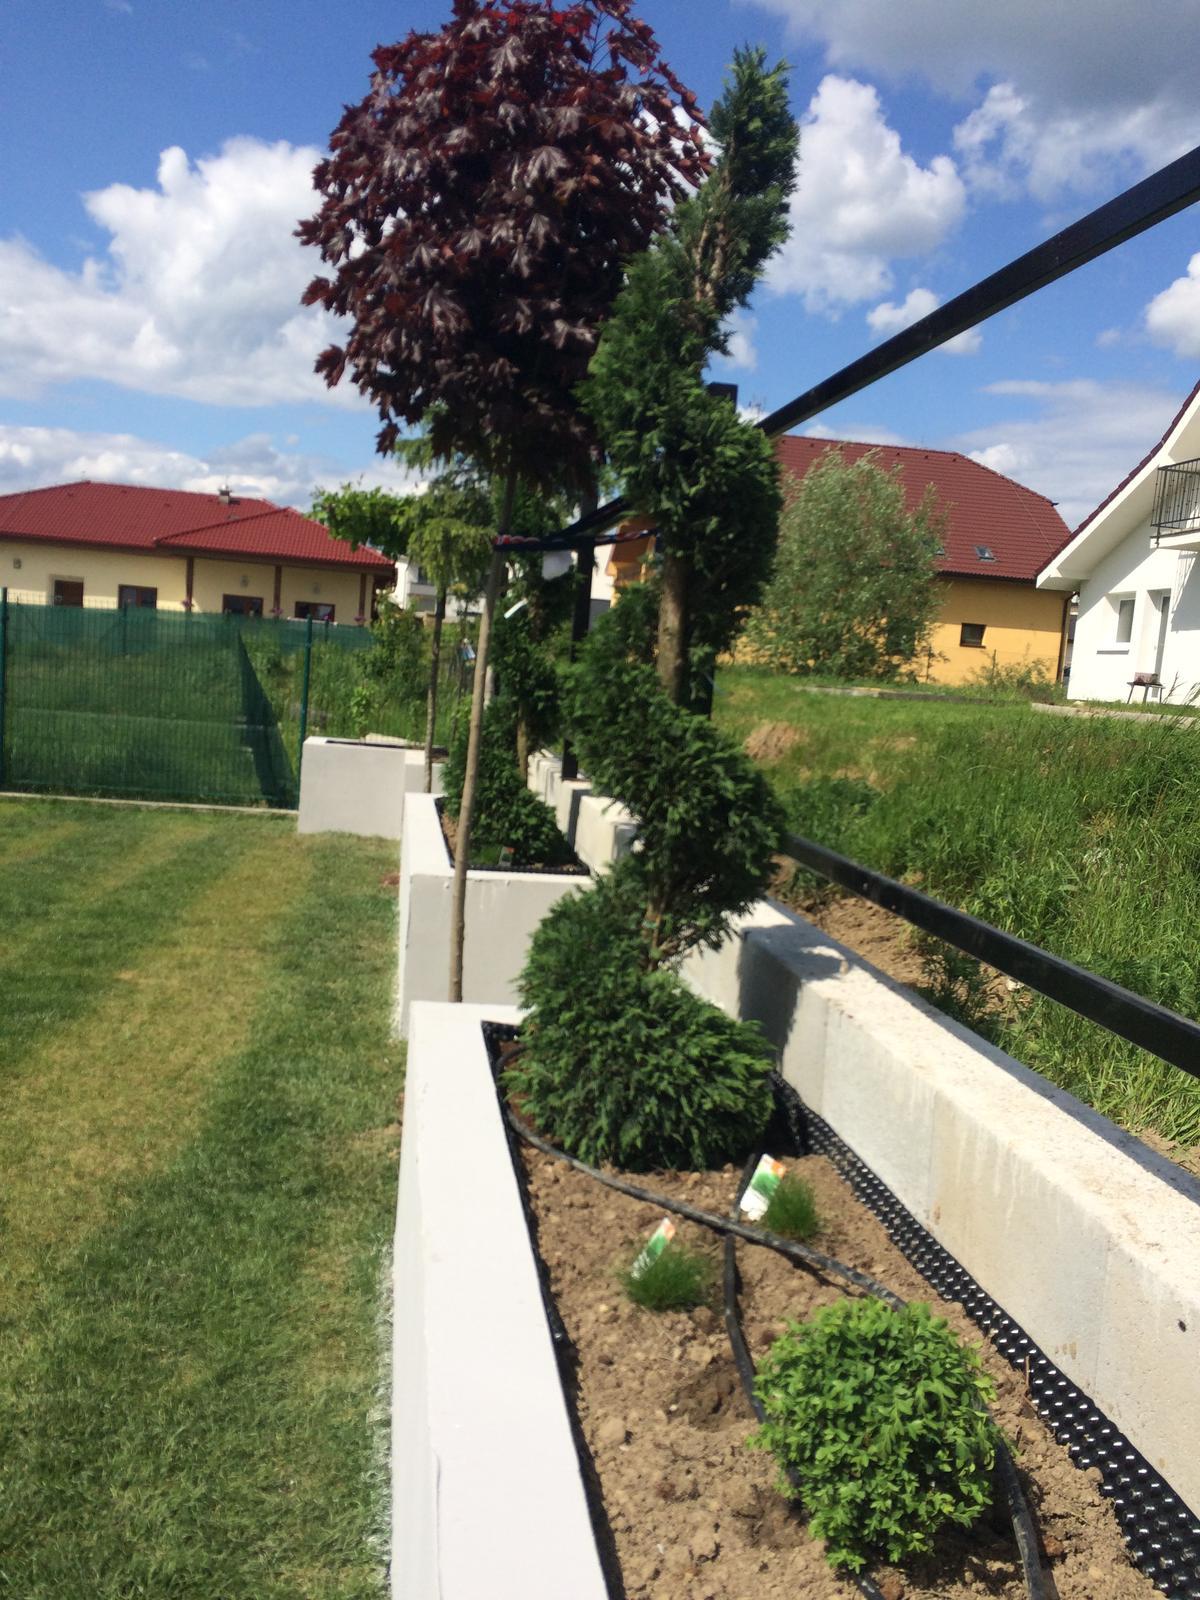 Zahradka - na zeminu pojdu biele kamienky